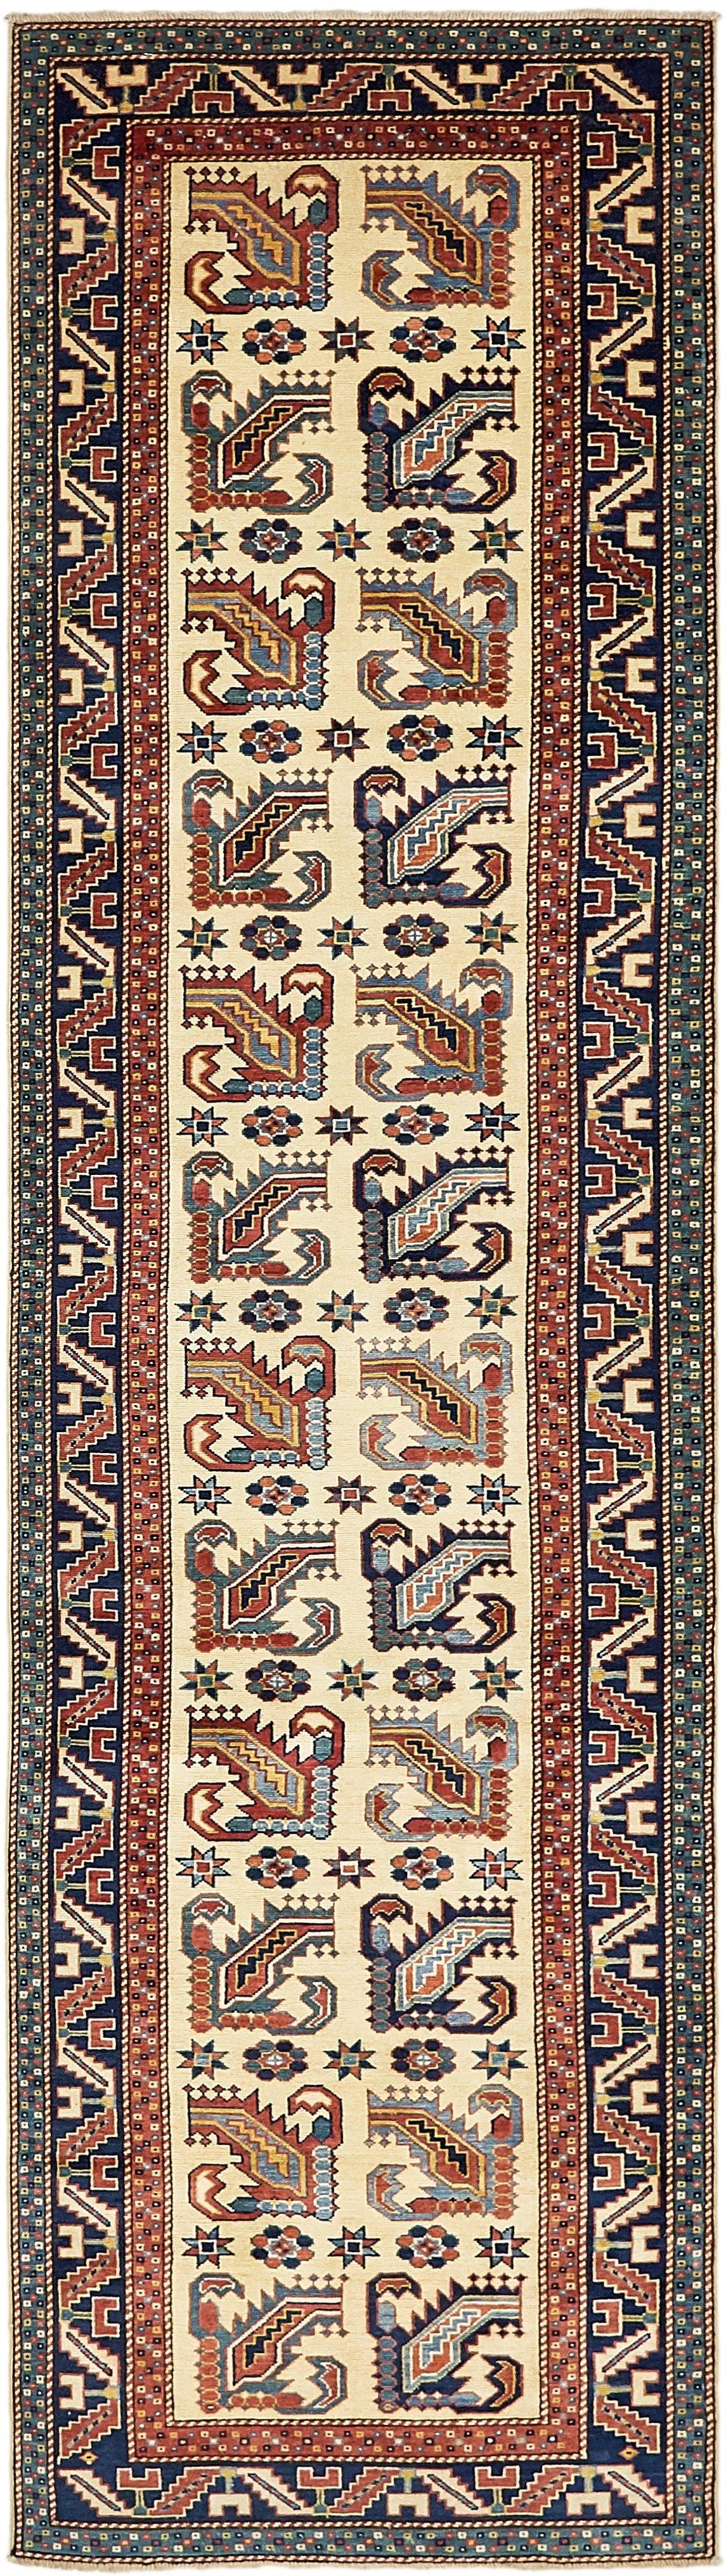 2' 9 x 10' 5 Kazak Oriental Runner Rug main image